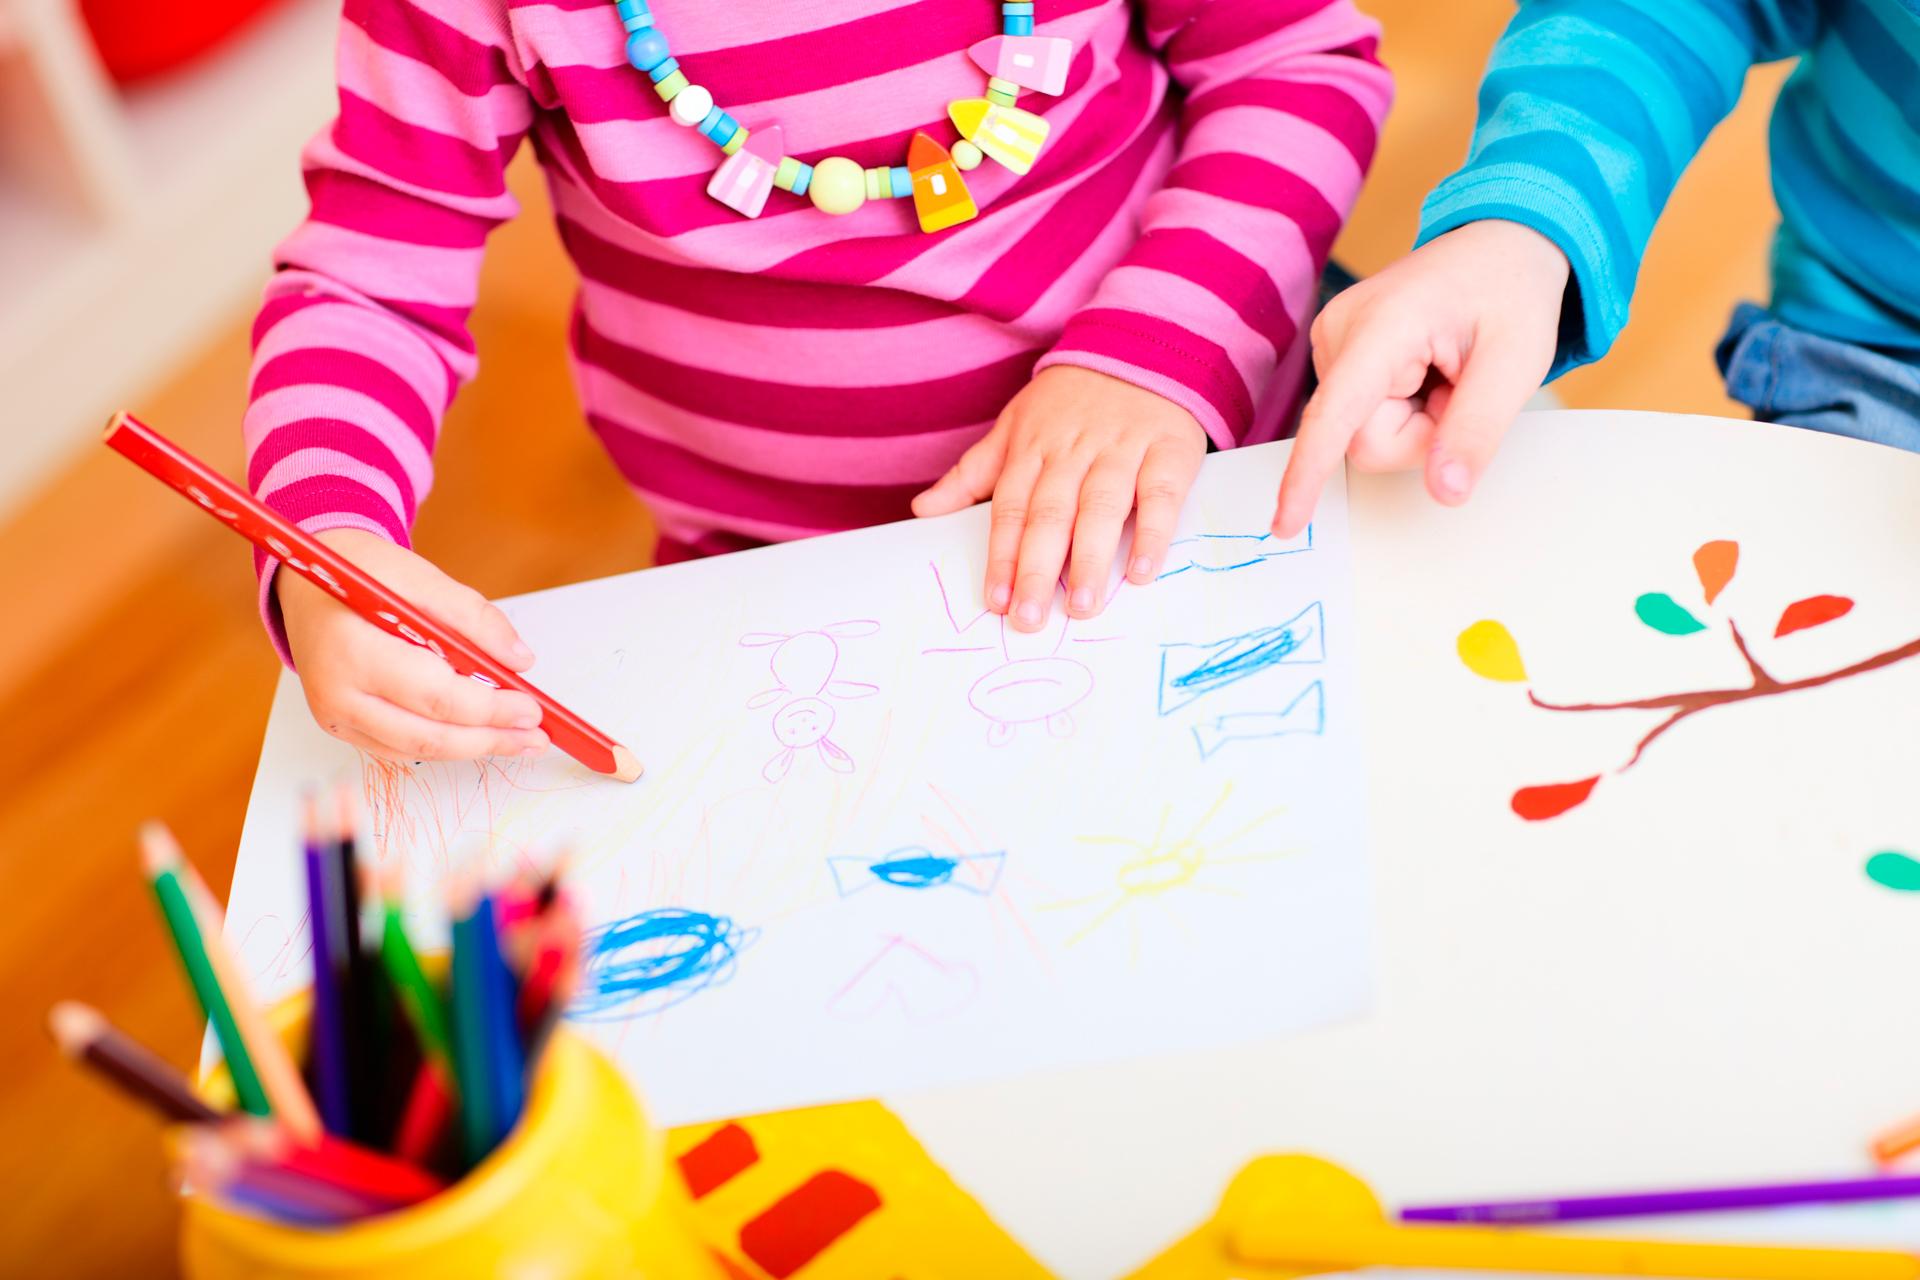 kidscare fullscreen slide 2